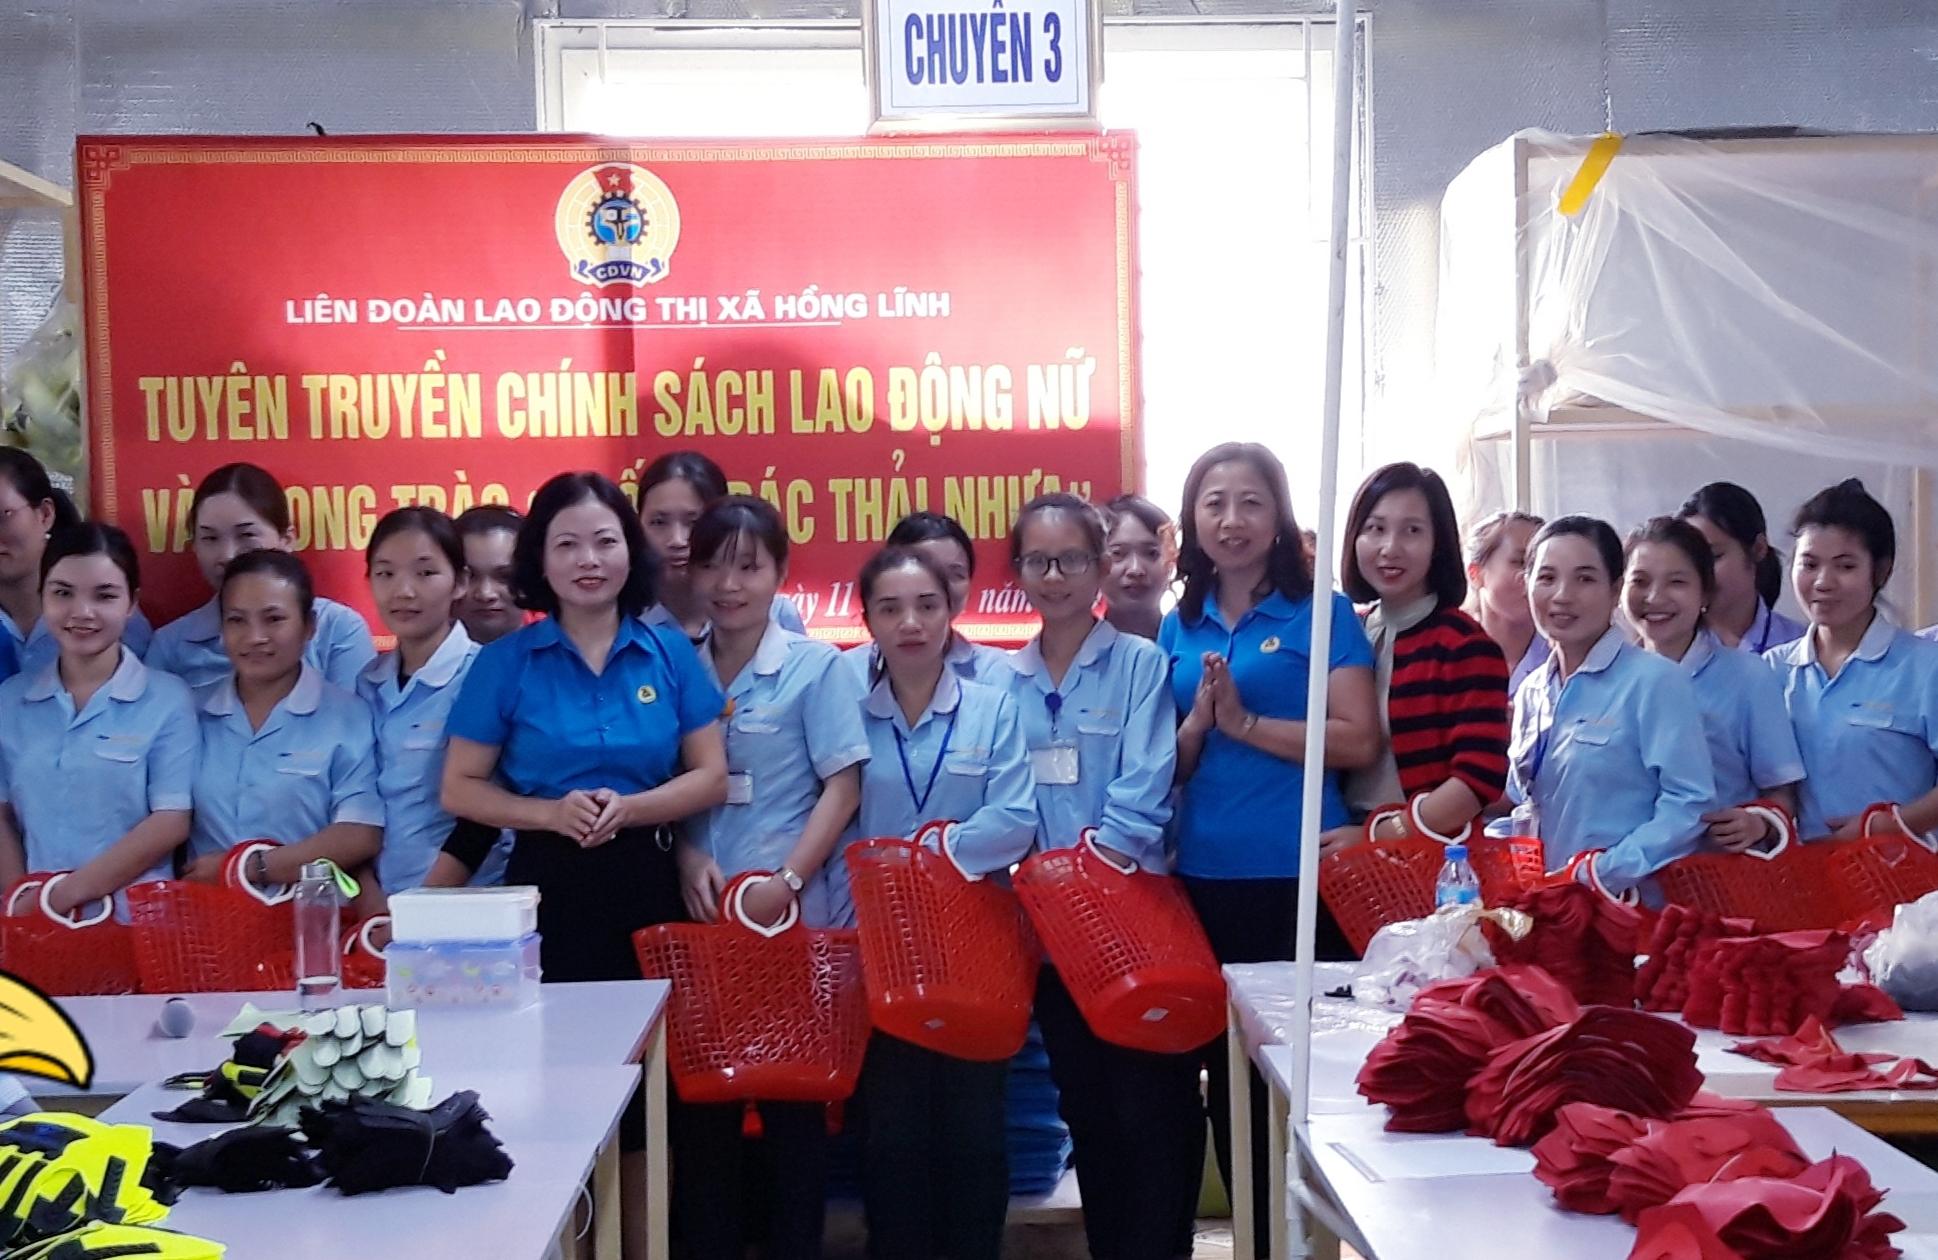 """Hồng Lĩnh: Tuyên truyền chính sách lao động nữ và phong trào """"Chống rác thải nhựa"""""""